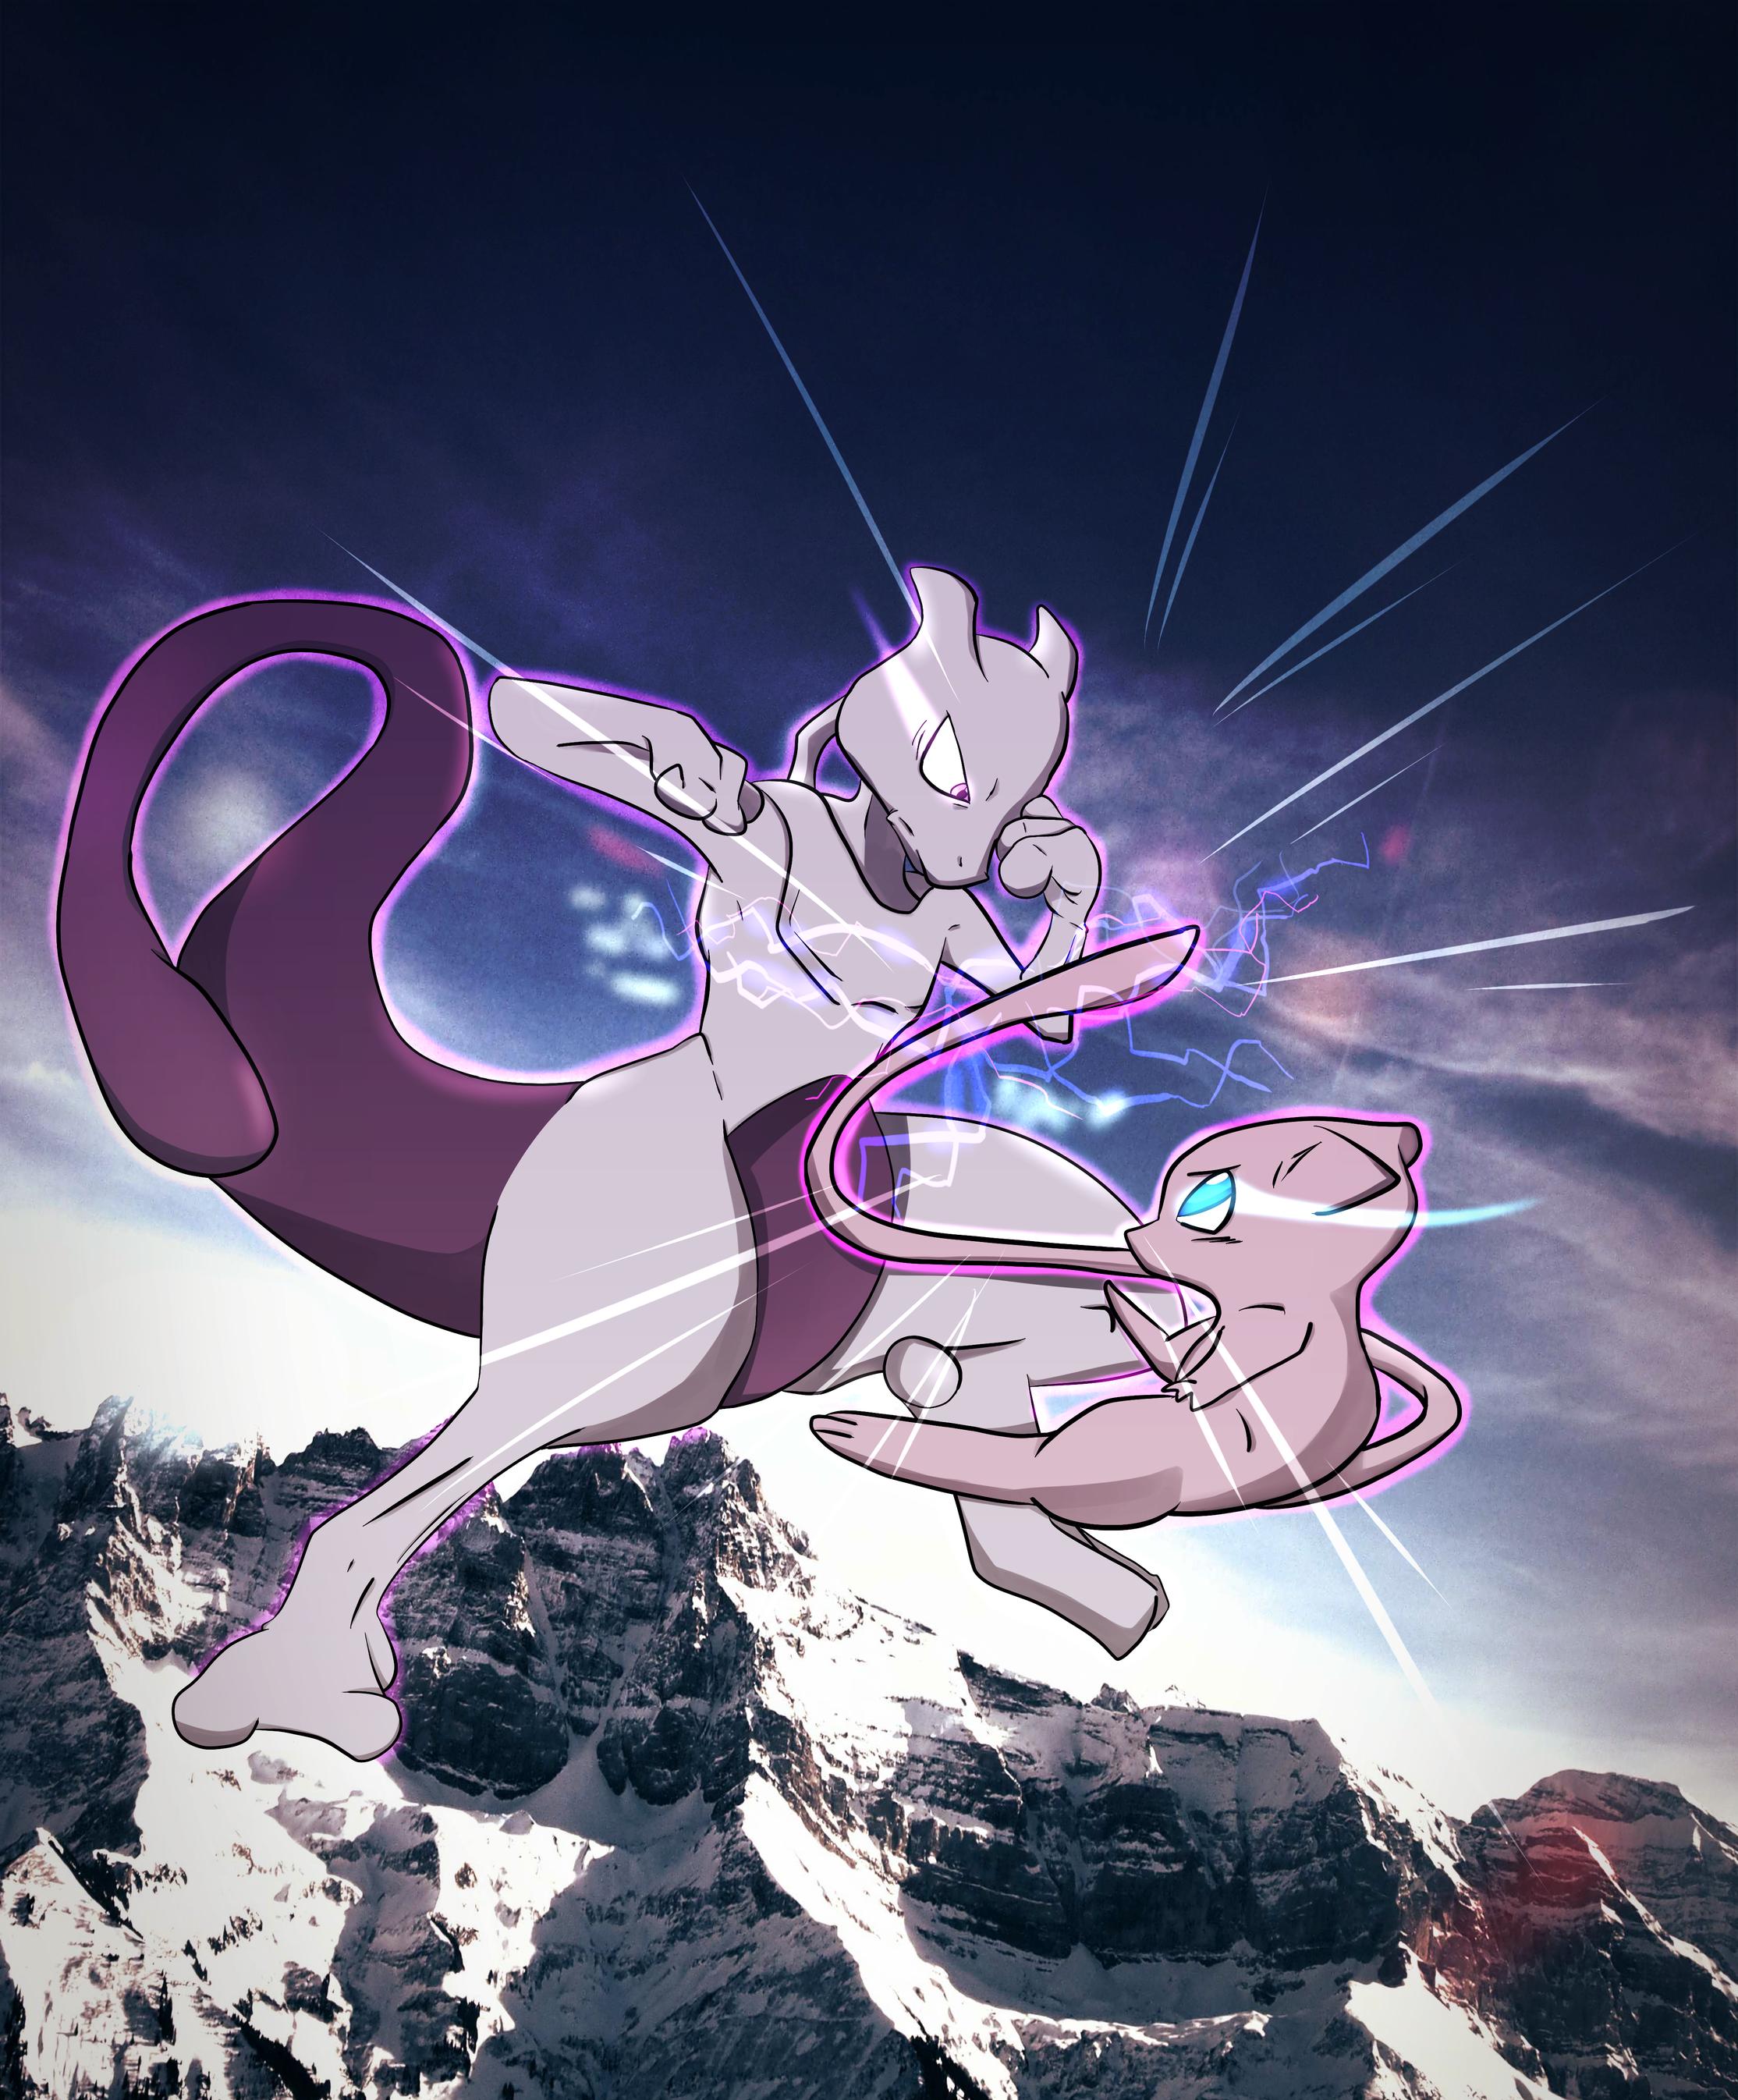 Mew vs. Mewtwo (Pokemon) by pmdgv on DeviantArt